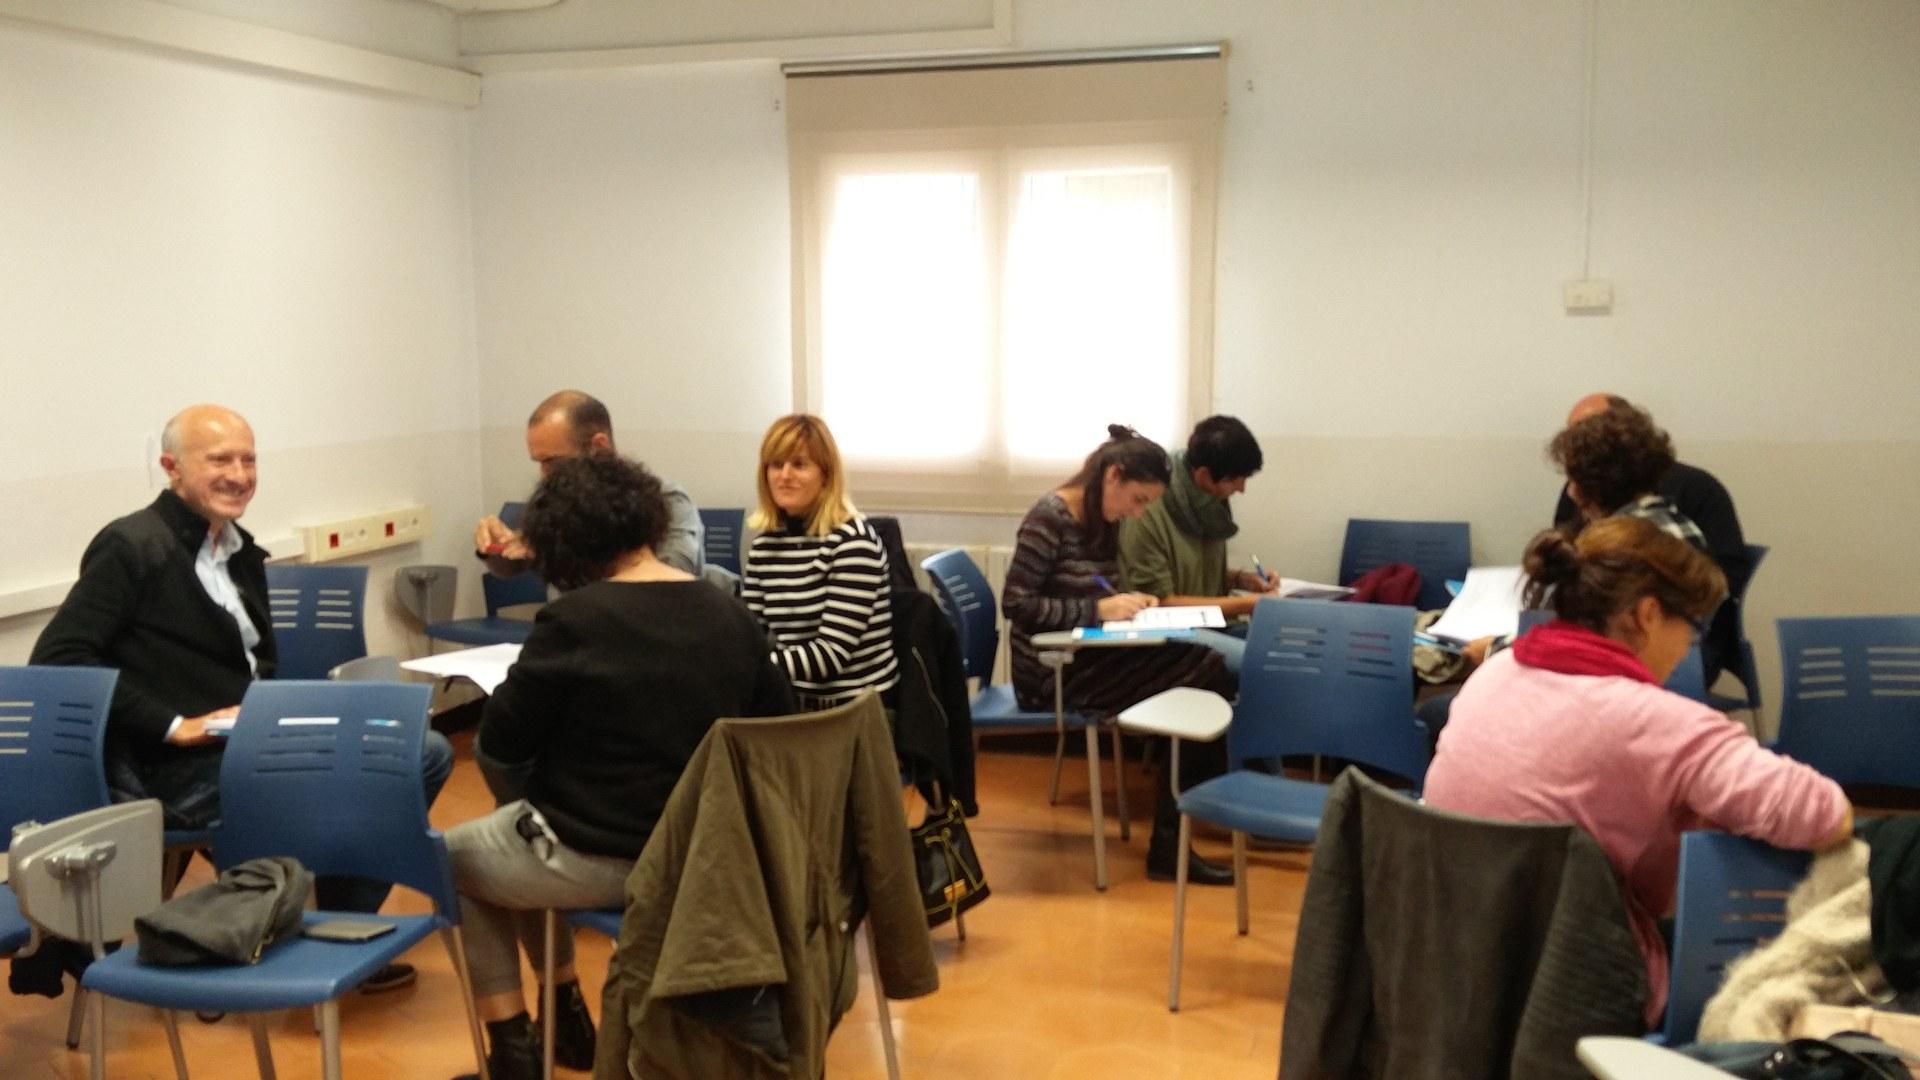 La regidoria de Promoció Econòmica organitza un curs pràctic per fomentar l'emprenedoria